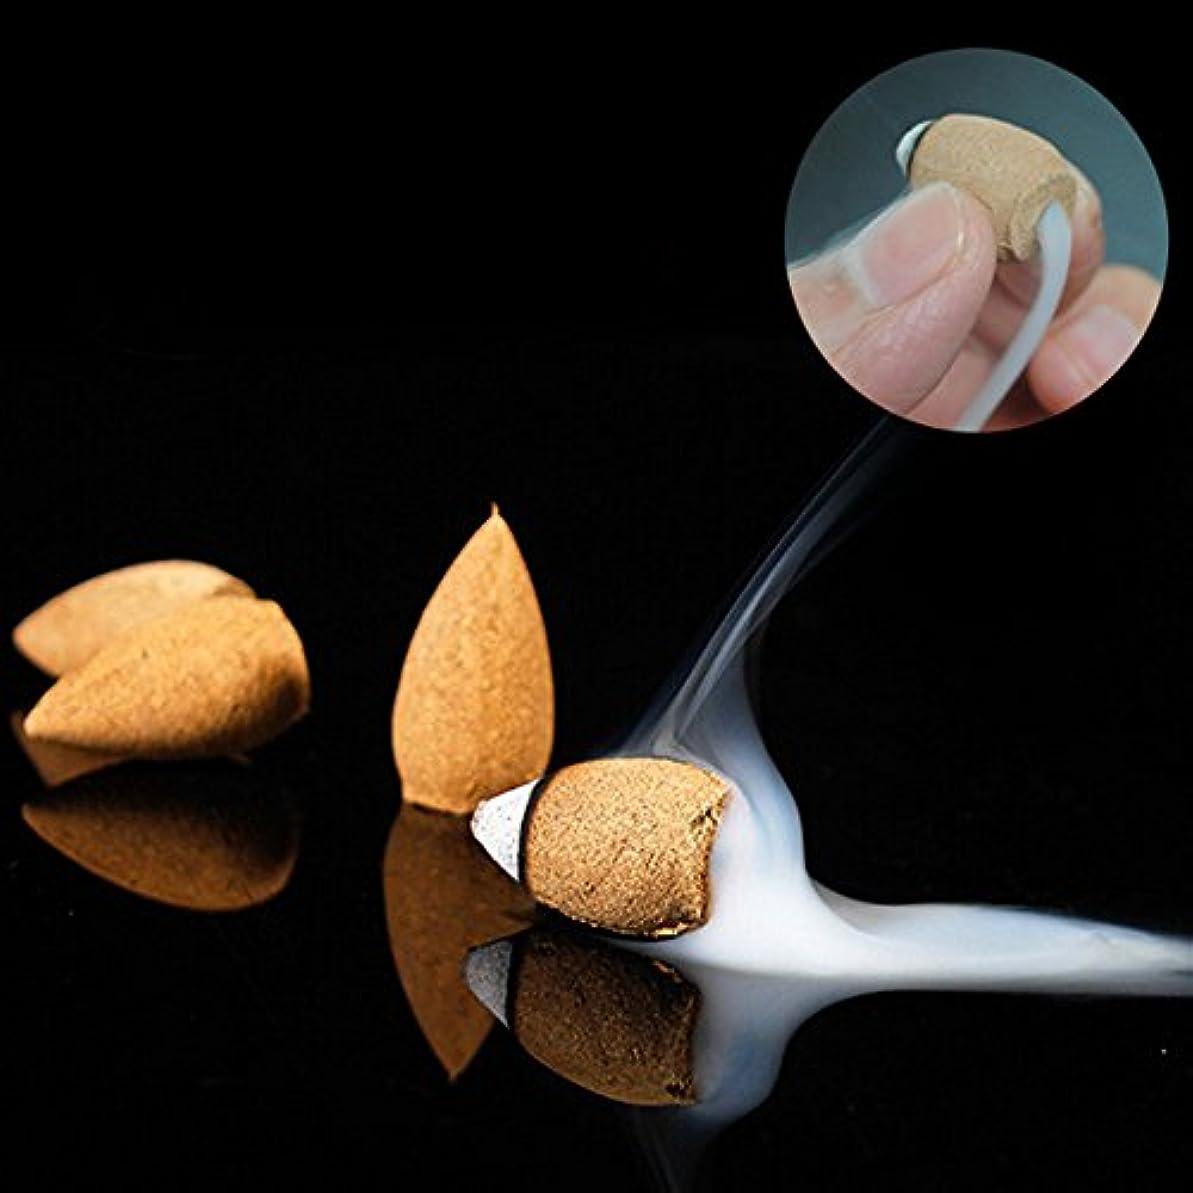 珍味植物学者タックTOPmountain 10個還流タワー 逆流香 セラミックバーナー ナチュラル実践 2.9 * 2 * 2cm サンダルウッドアロマセラピー